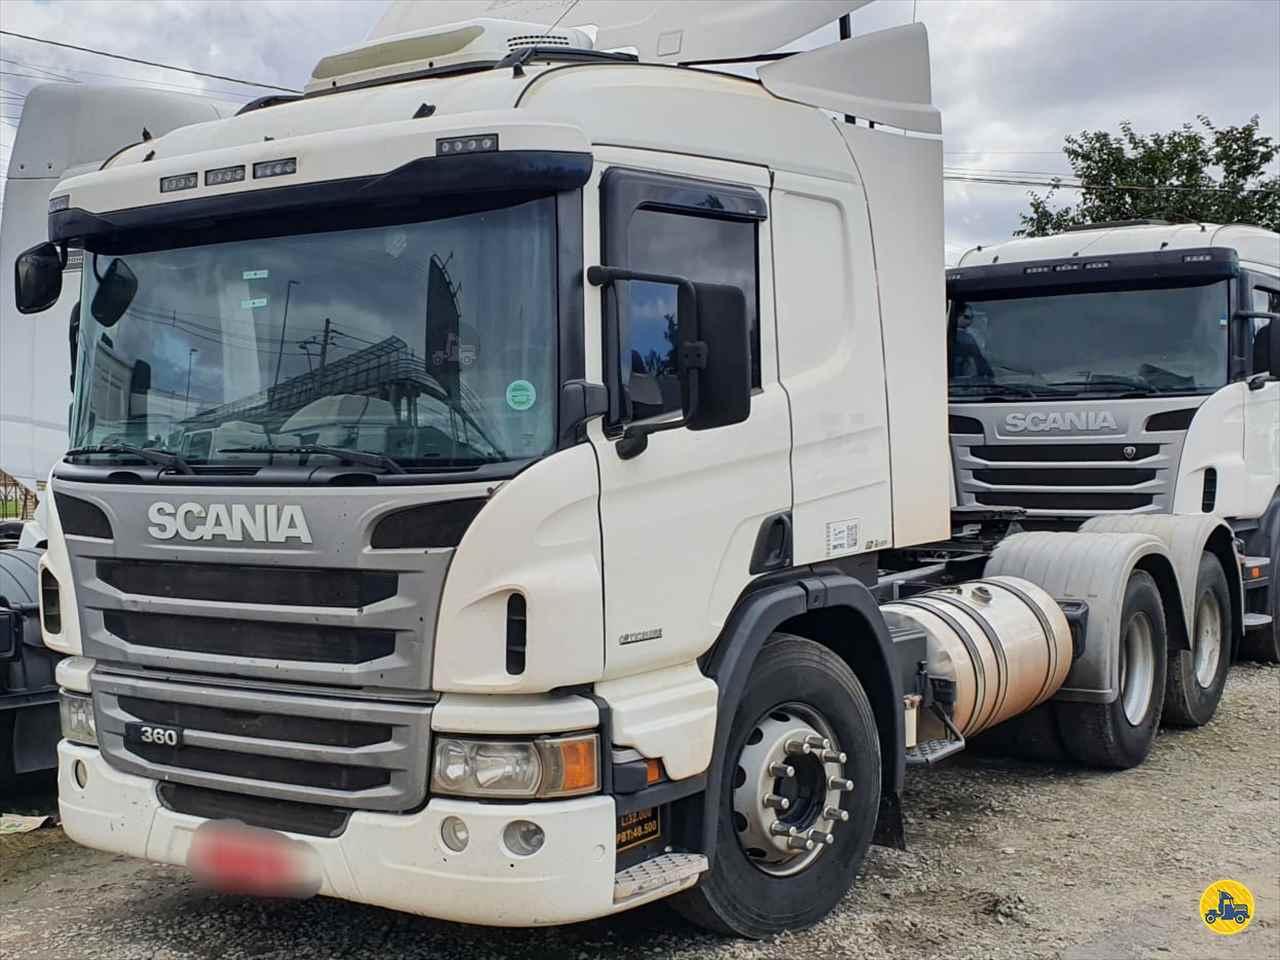 CAMINHAO SCANIA SCANIA 360 Cavalo Mecânico Truck 6x2 Trevo Caminhões - AGB ITAJAI SANTA CATARINA SC